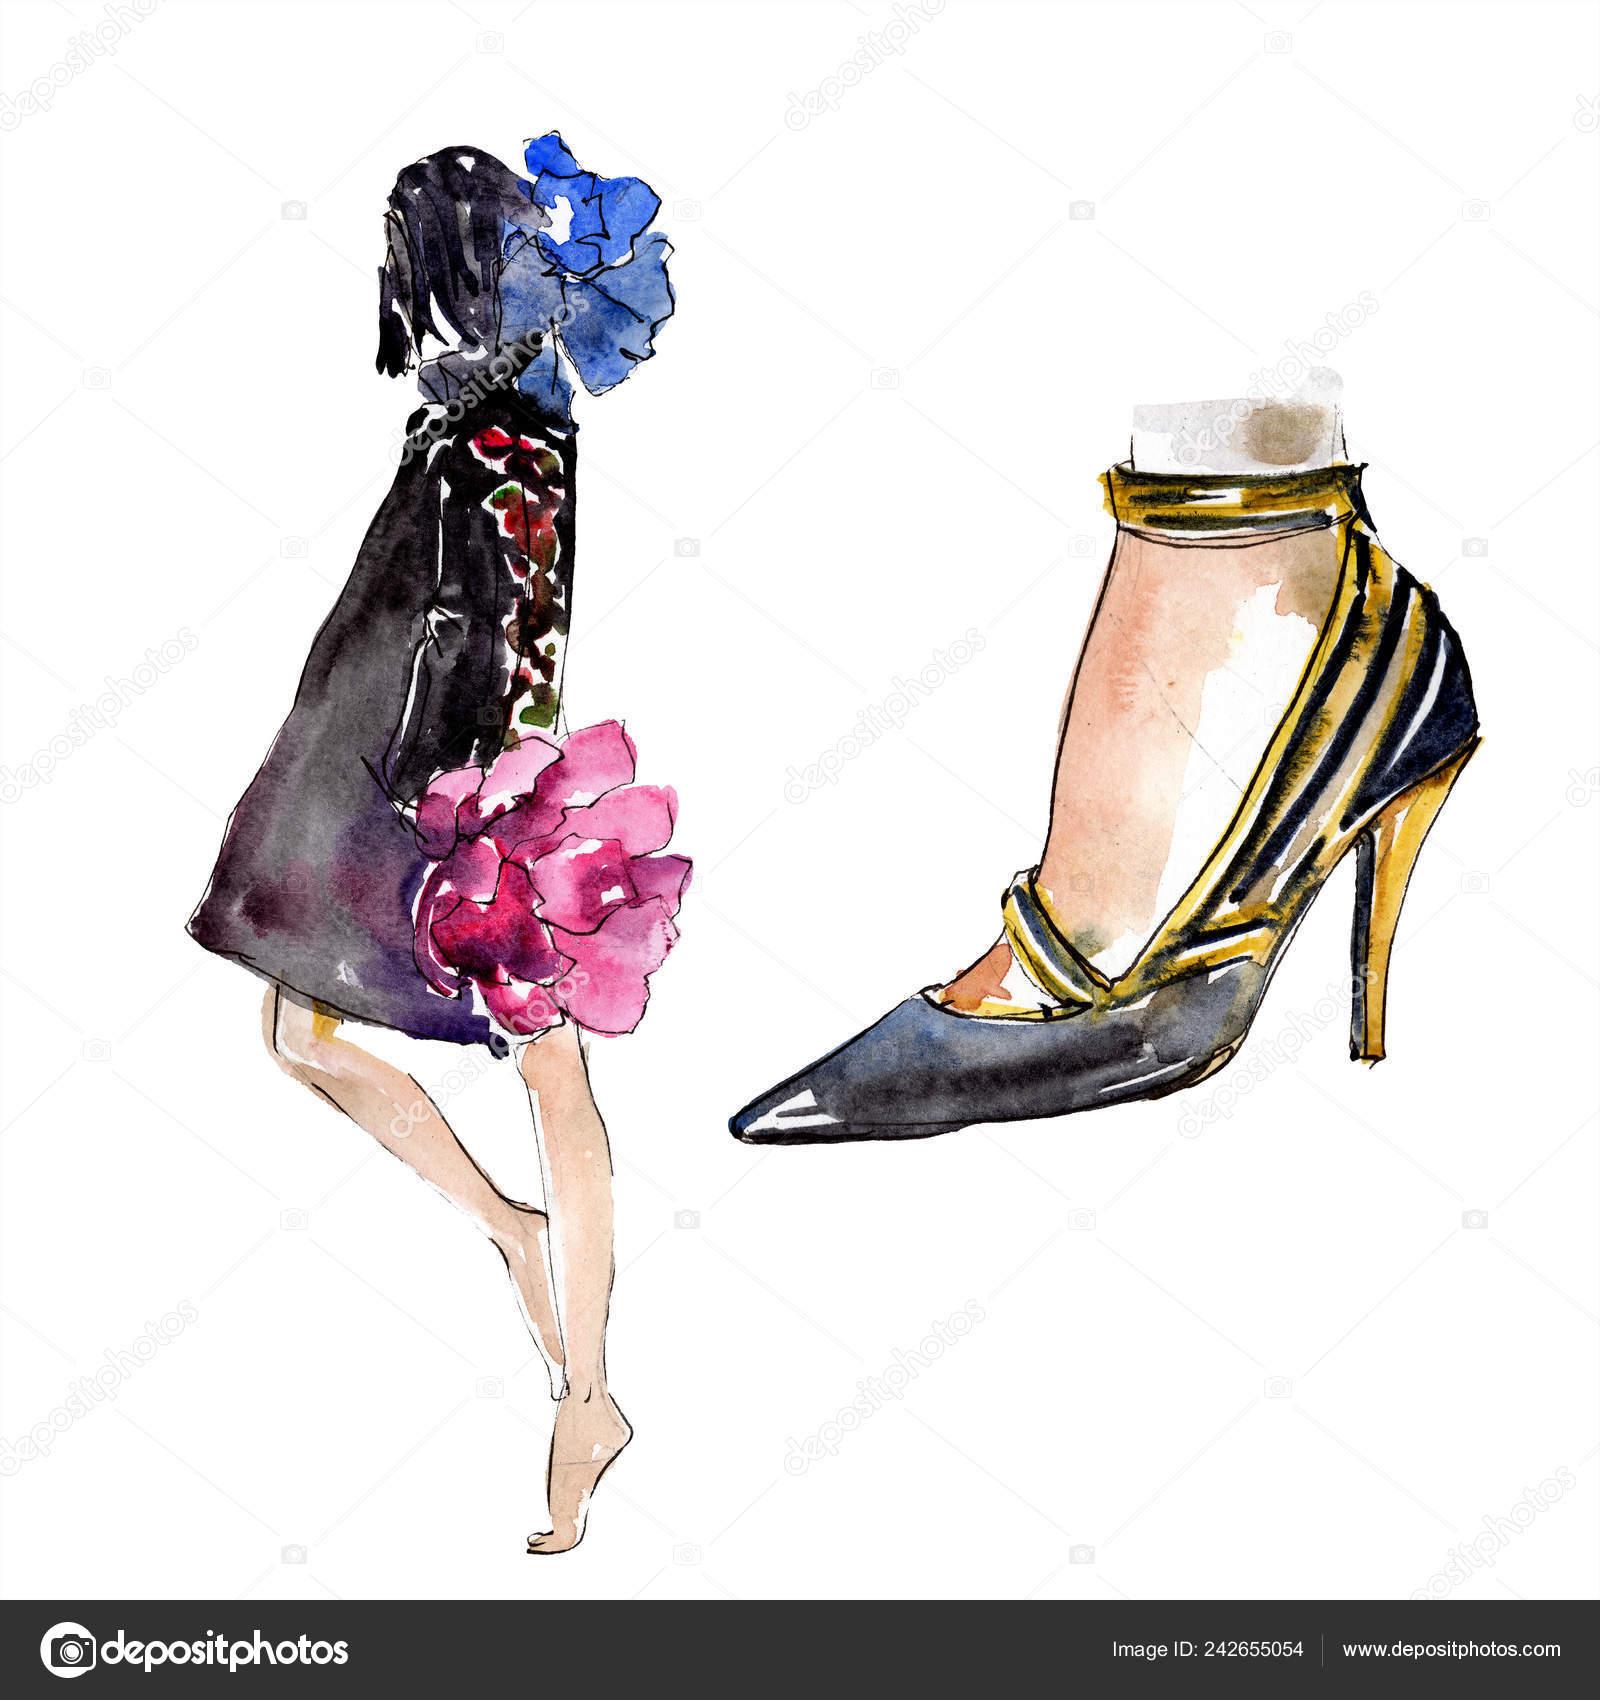 3e24eebdc85 Женщина и обуви эскиз Иллюстрация гламур моды в изолированных элемент  акварель стиля. Одежда аксессуары набор мода модный наряд.